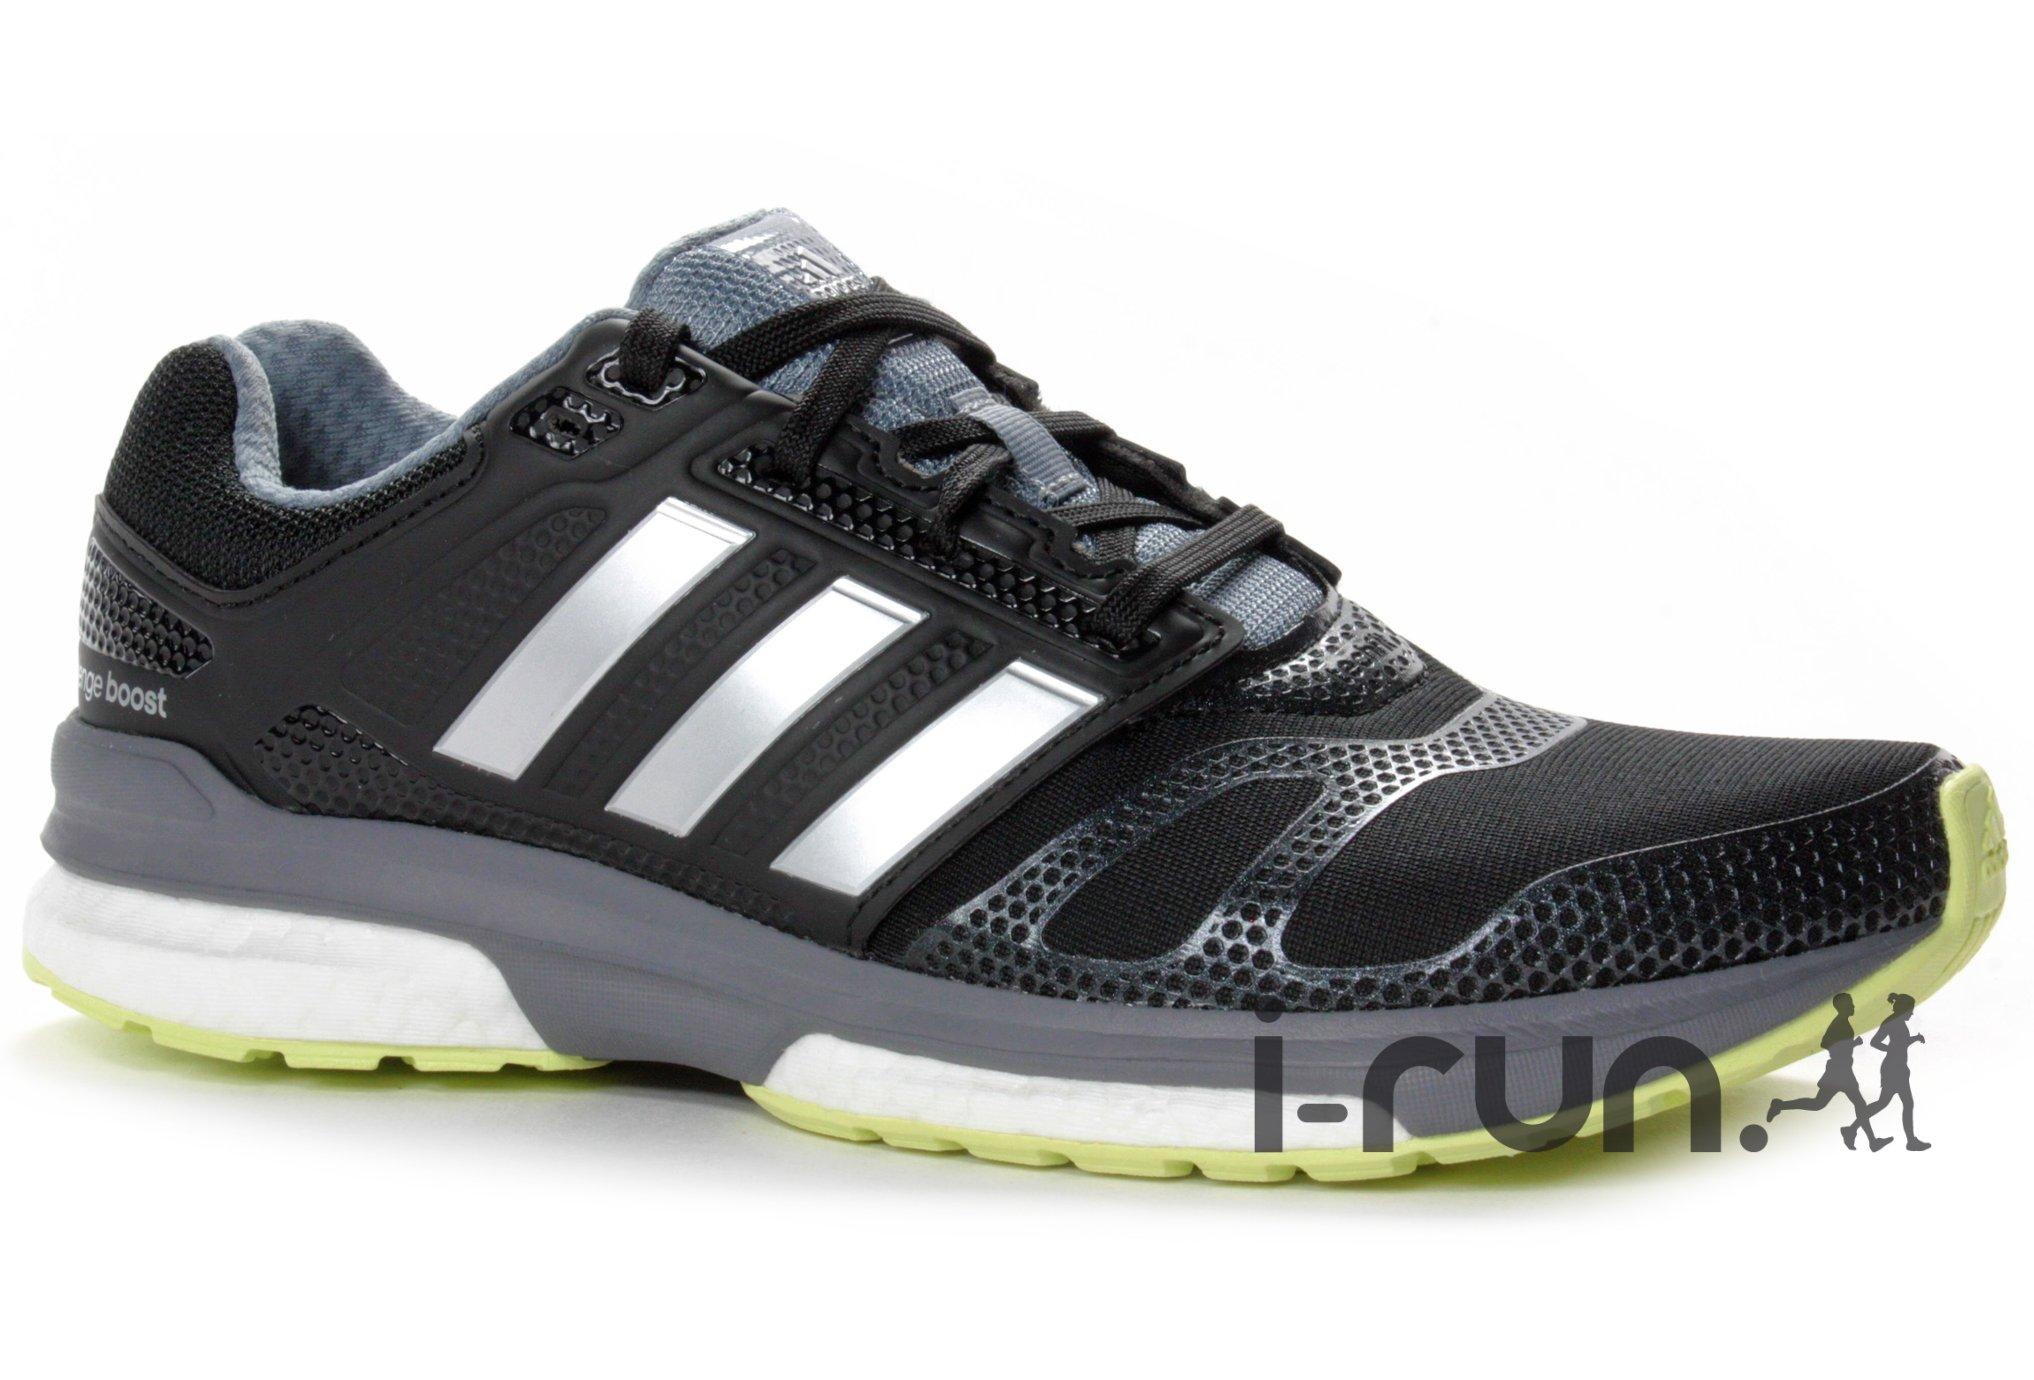 Adidas Revenge boost 2 techfit w diététique chaussures femme